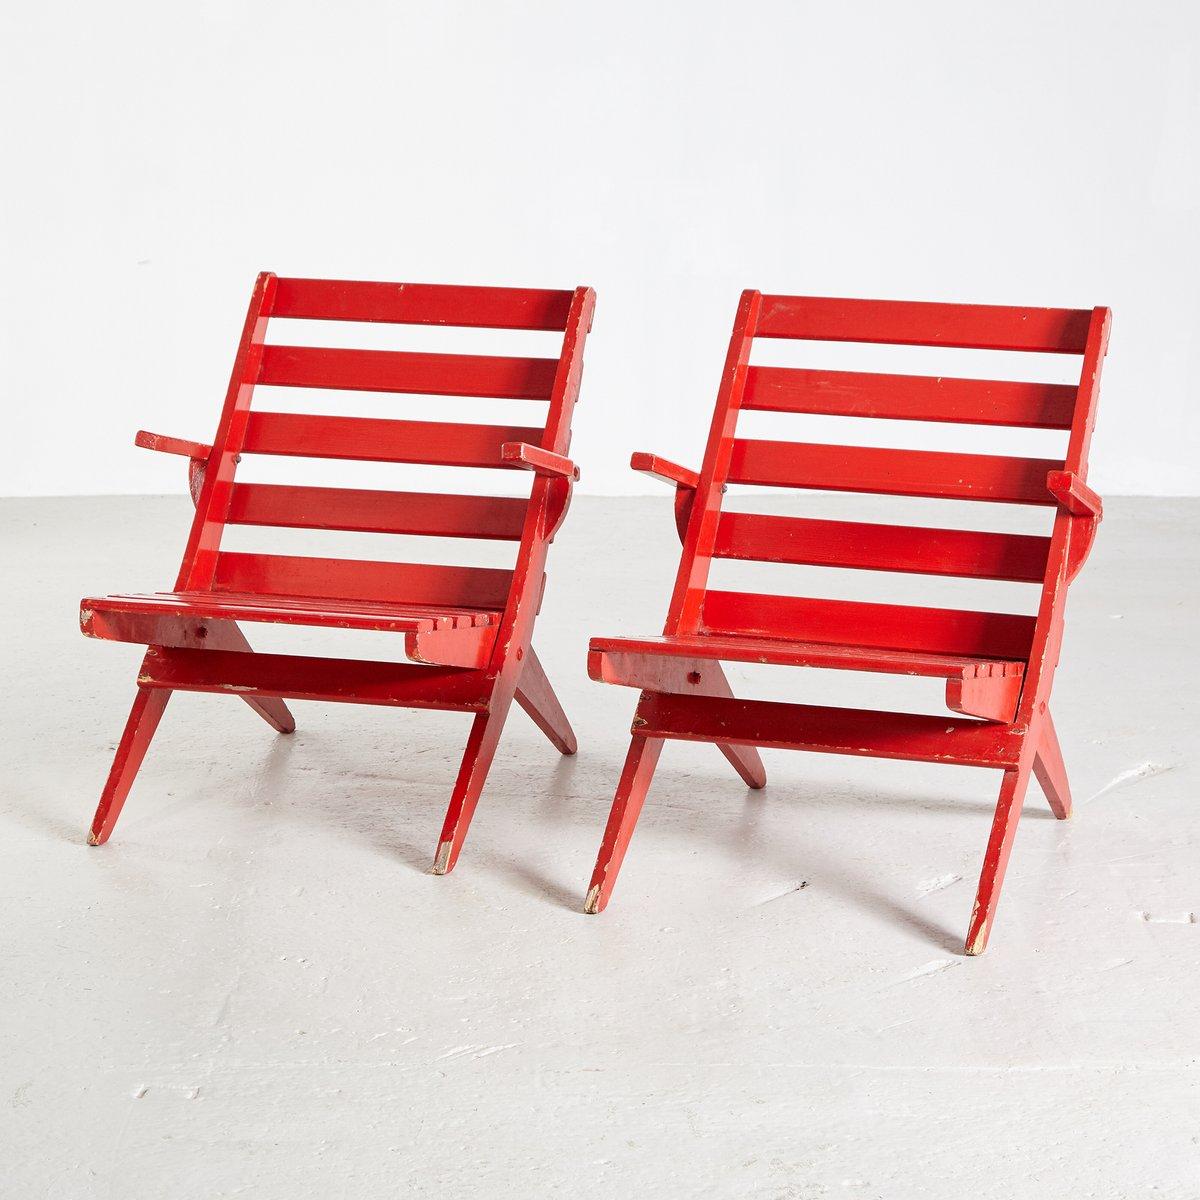 chaise de jardin pliante vintage rouge 1970s en vente sur. Black Bedroom Furniture Sets. Home Design Ideas